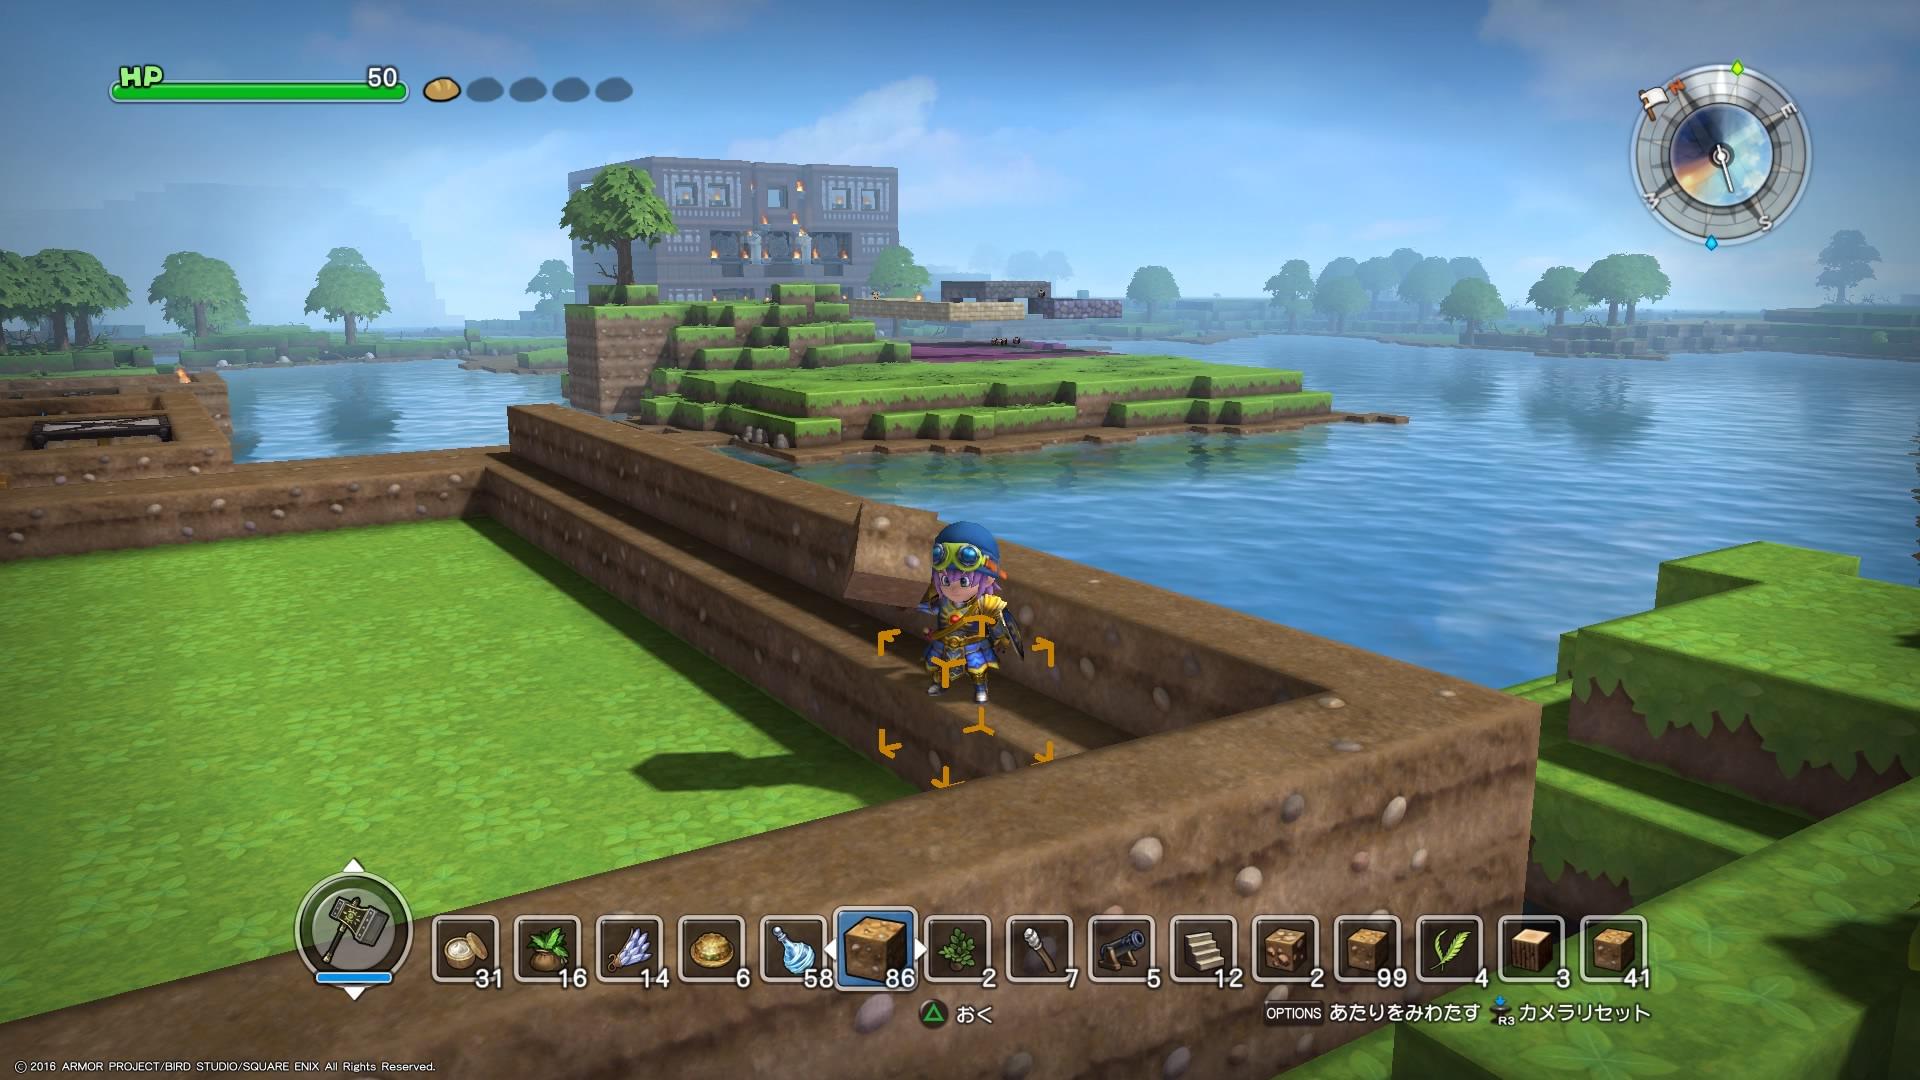 構築開始。湖の奥の建物は他ユーザーさんの作品で、ランダムで呼び出されます。